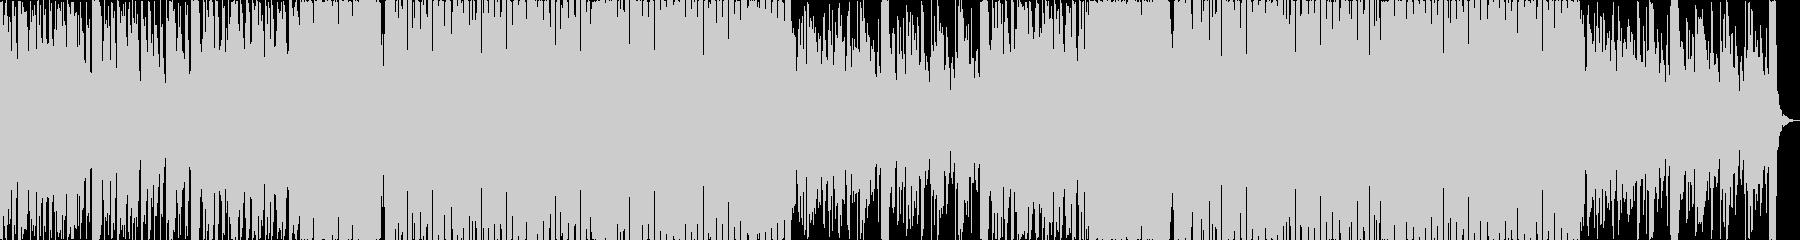 EDMカントリーエレクトロコマーシャルaの未再生の波形